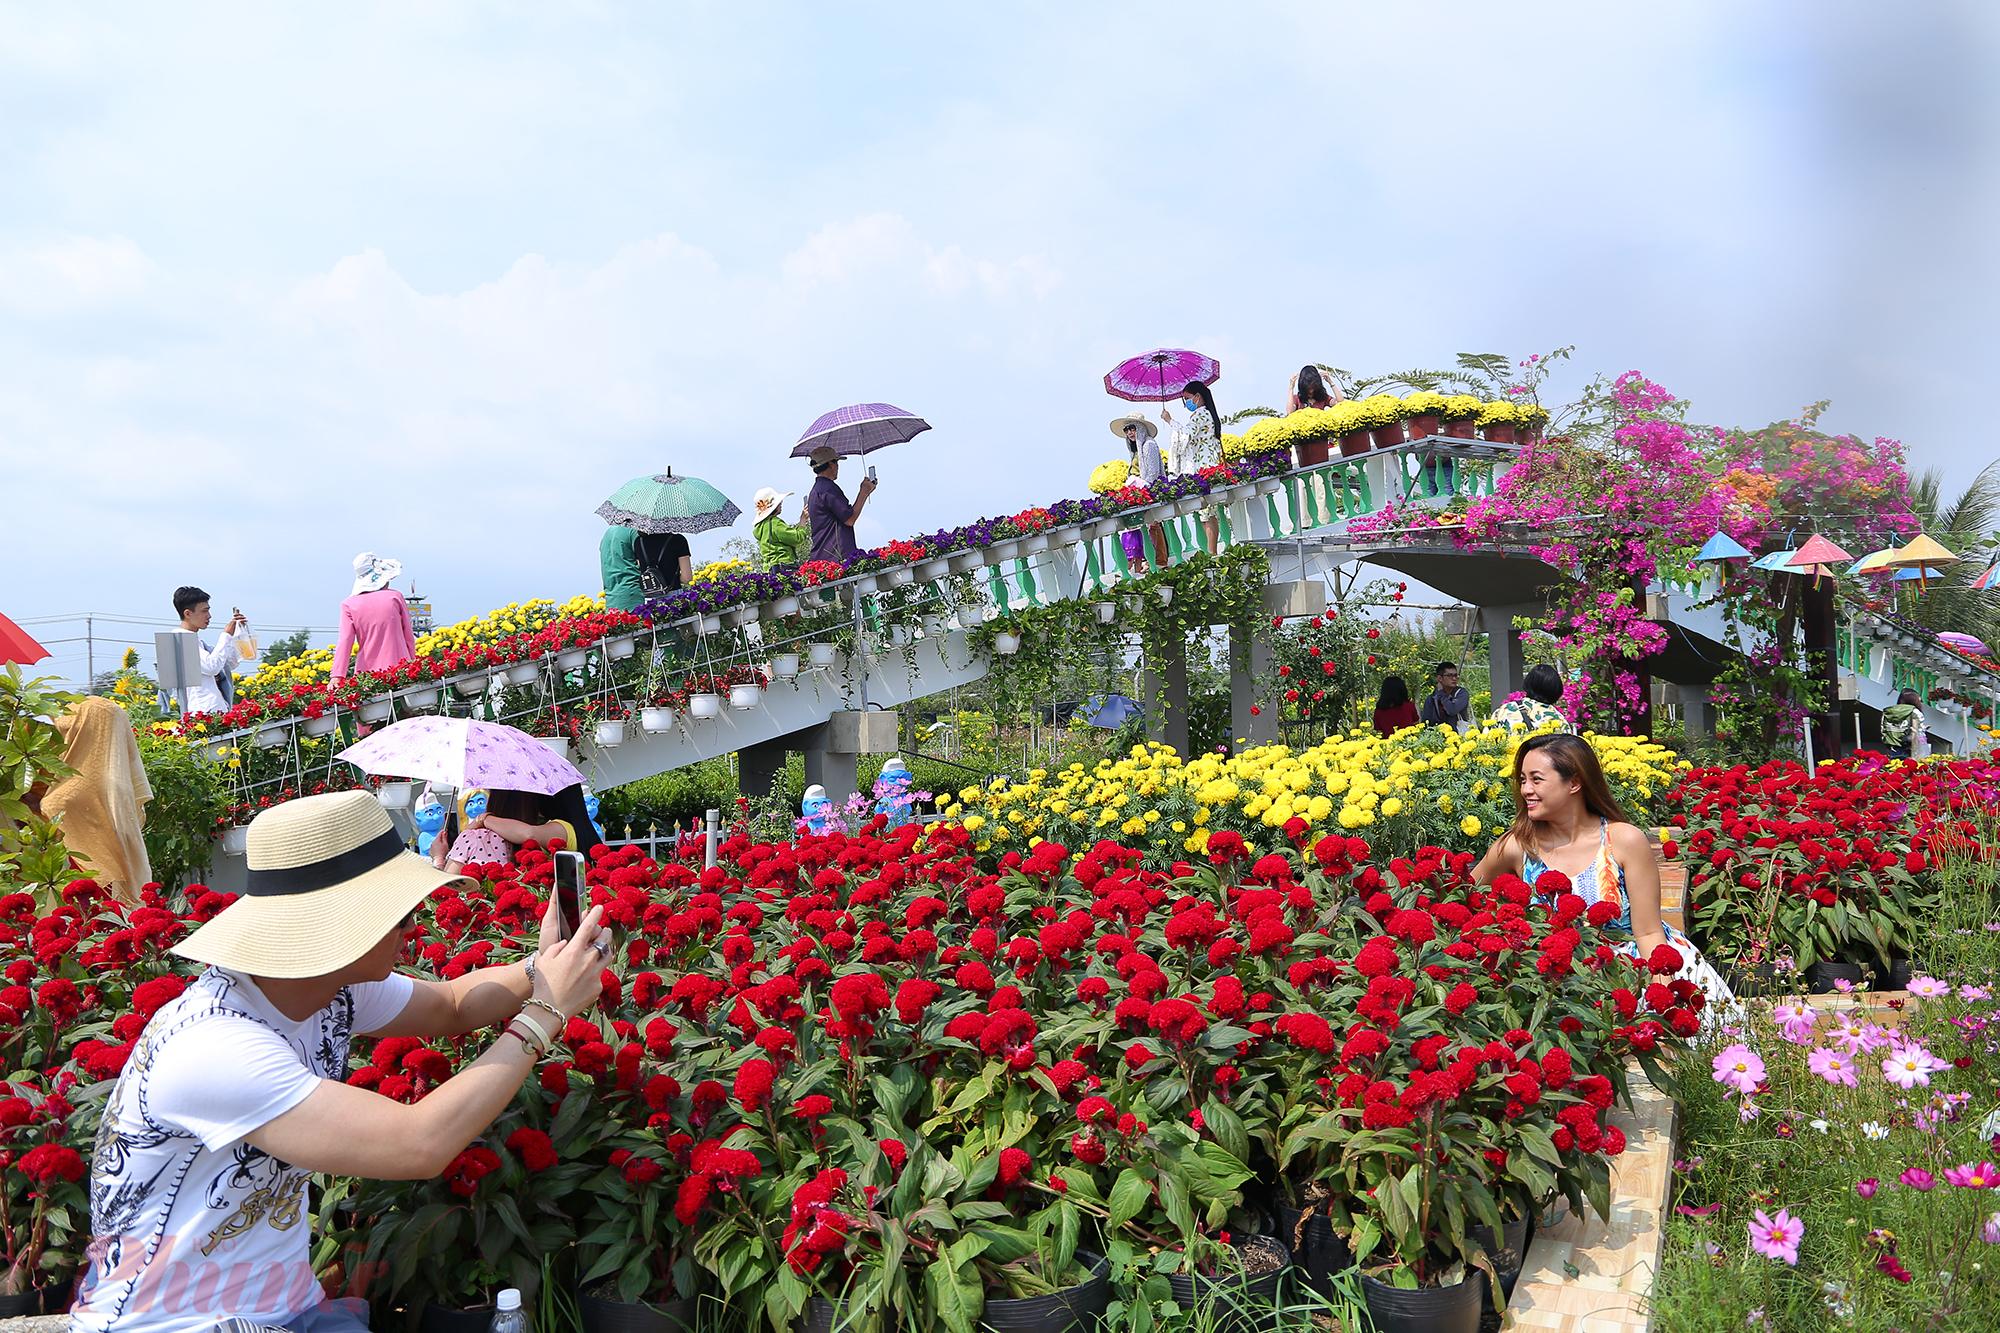 Tuy nhiên, để tham quan một số khu vực trong làng hoa được xây dựng, bố trí cảnh quan đẹp mắt, du khách sẽ mất phí vào cổng 10.000 đồng/người lón và 5.000 đồng/trẻ em. Mức giá khá mềm này cũng không khiến du khách phiền lòng.